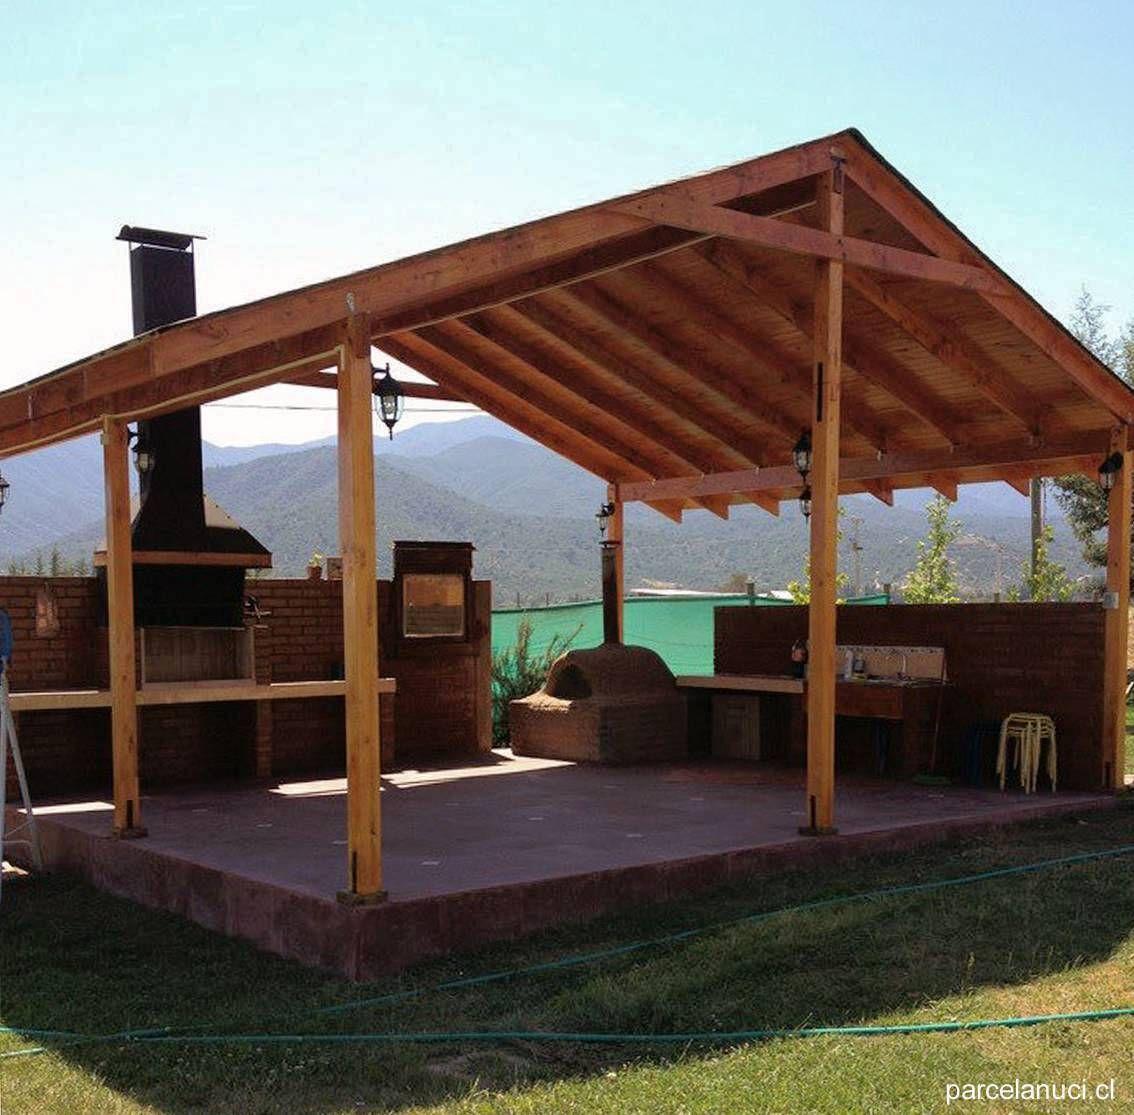 Blog de arquitectura residencial casas familiares y for Como hacer un techo economico